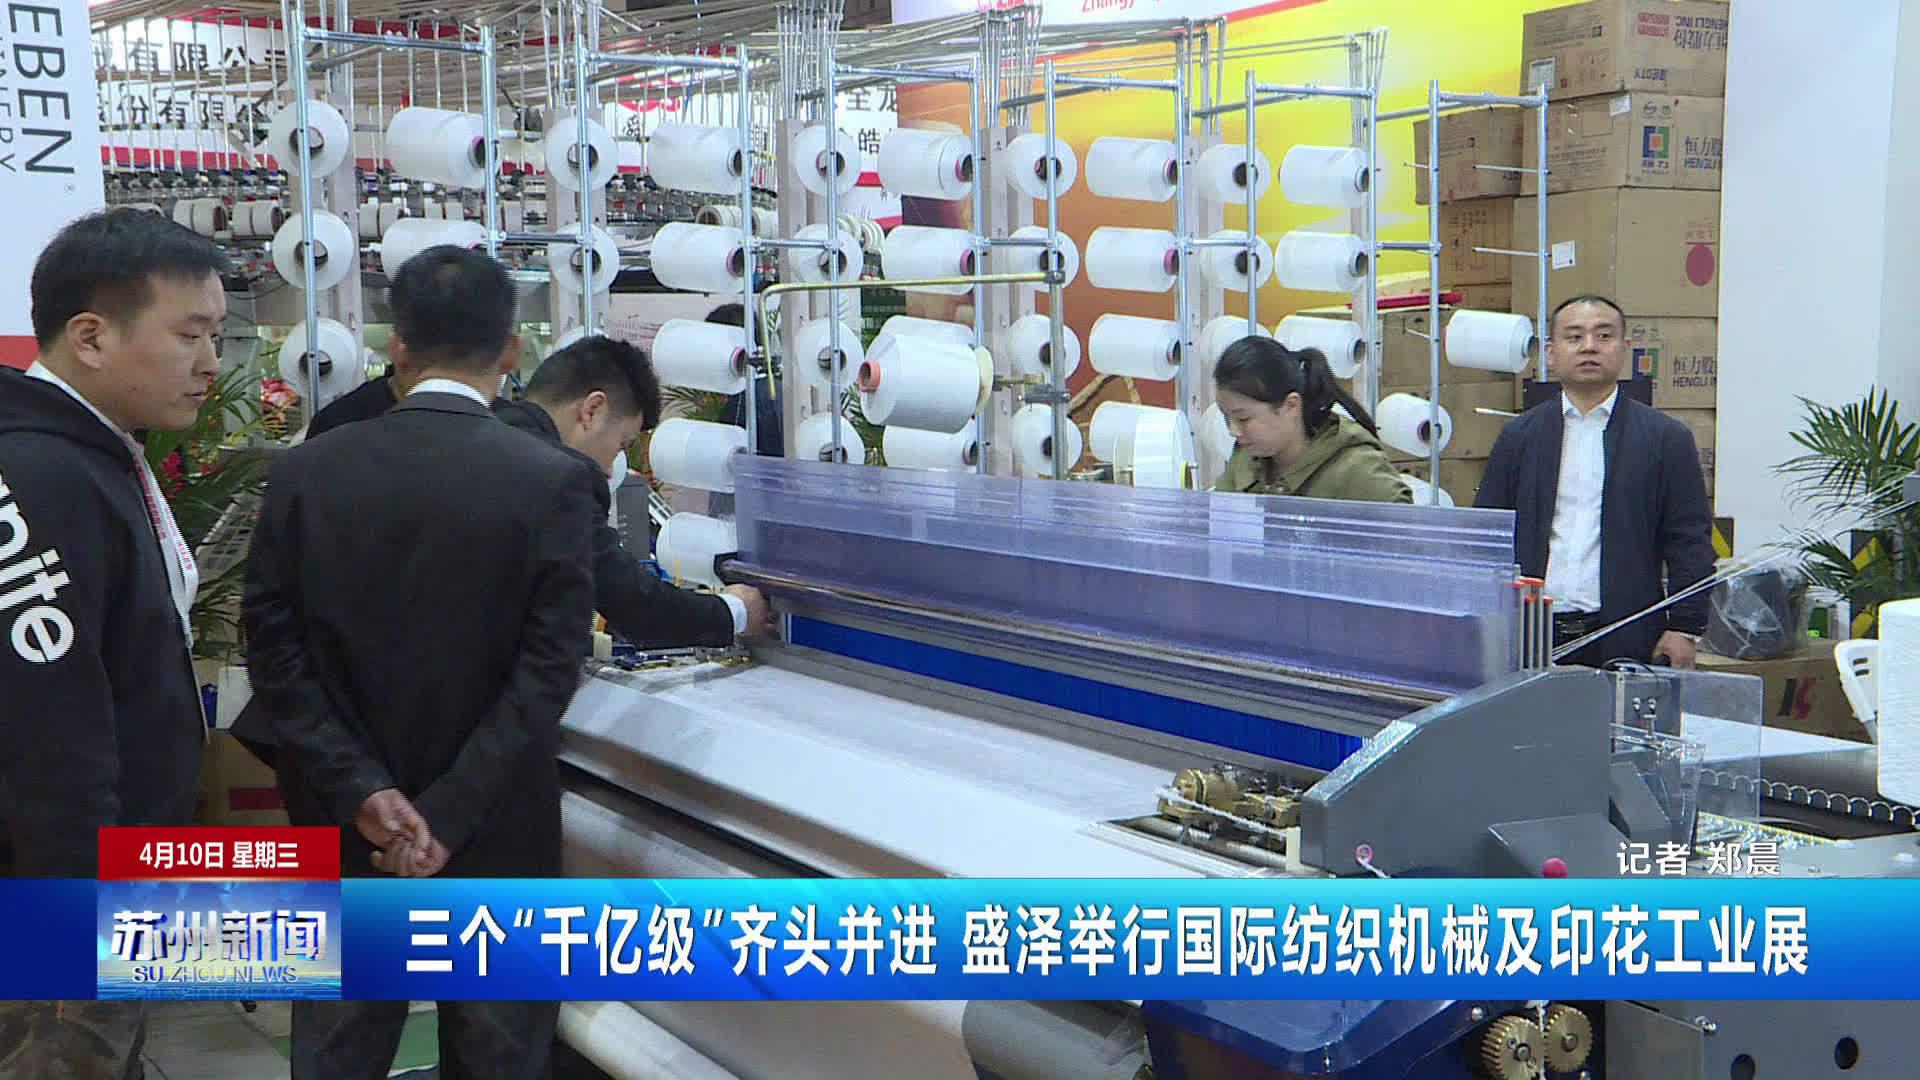 """三个""""千亿级""""齐头并进 盛泽举行国际纺织机械及印花工业展"""